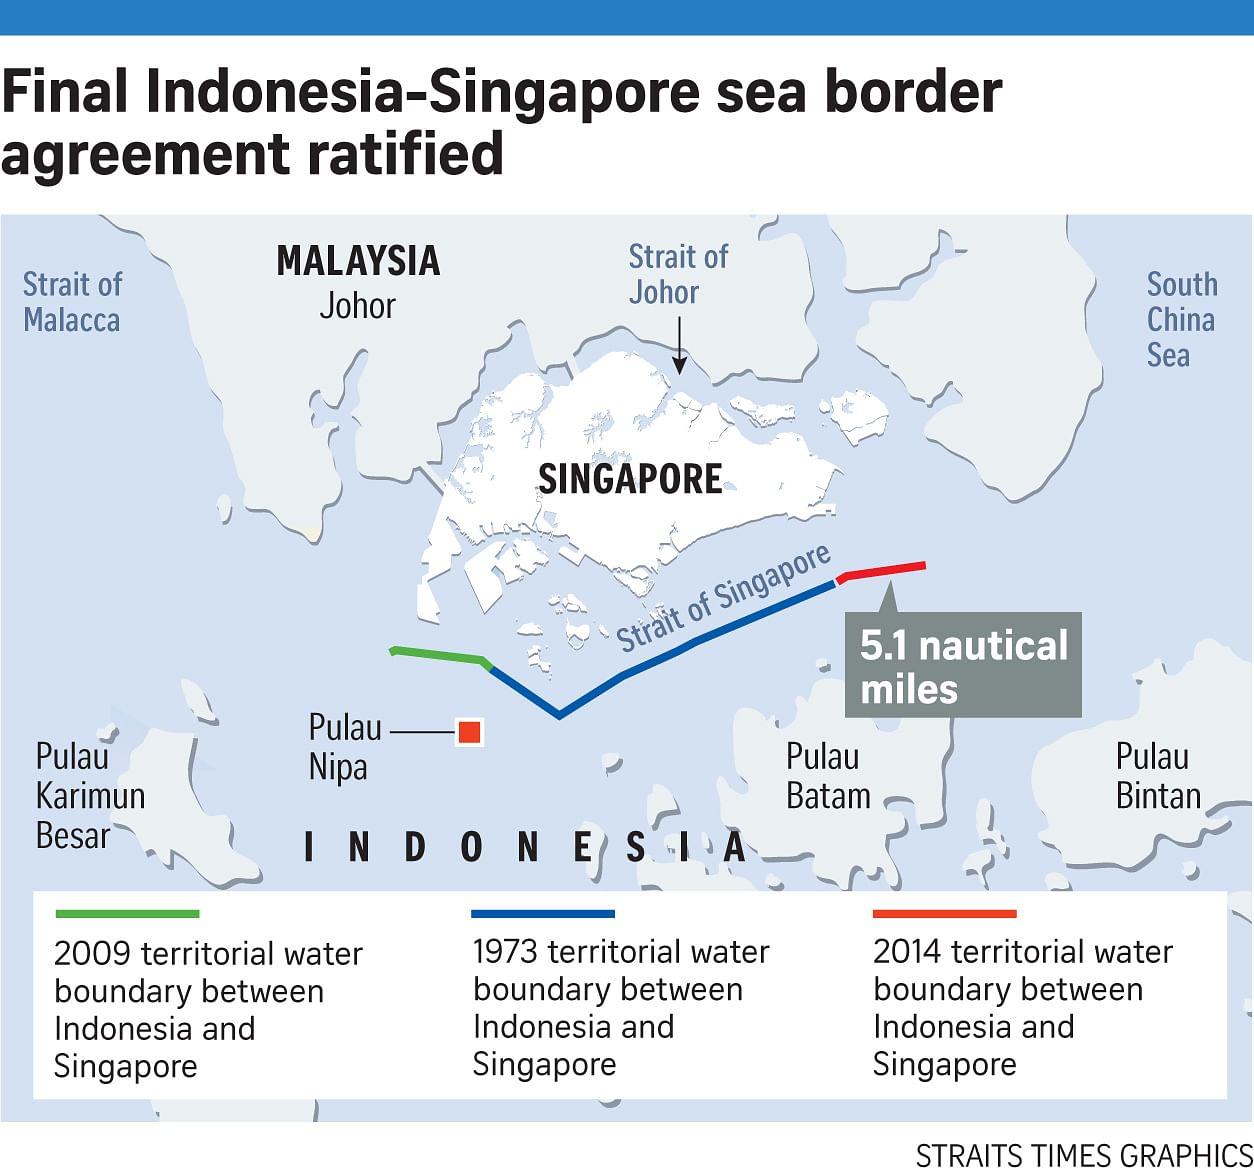 Singapore, Indonesia submit third sea border treaty to UN